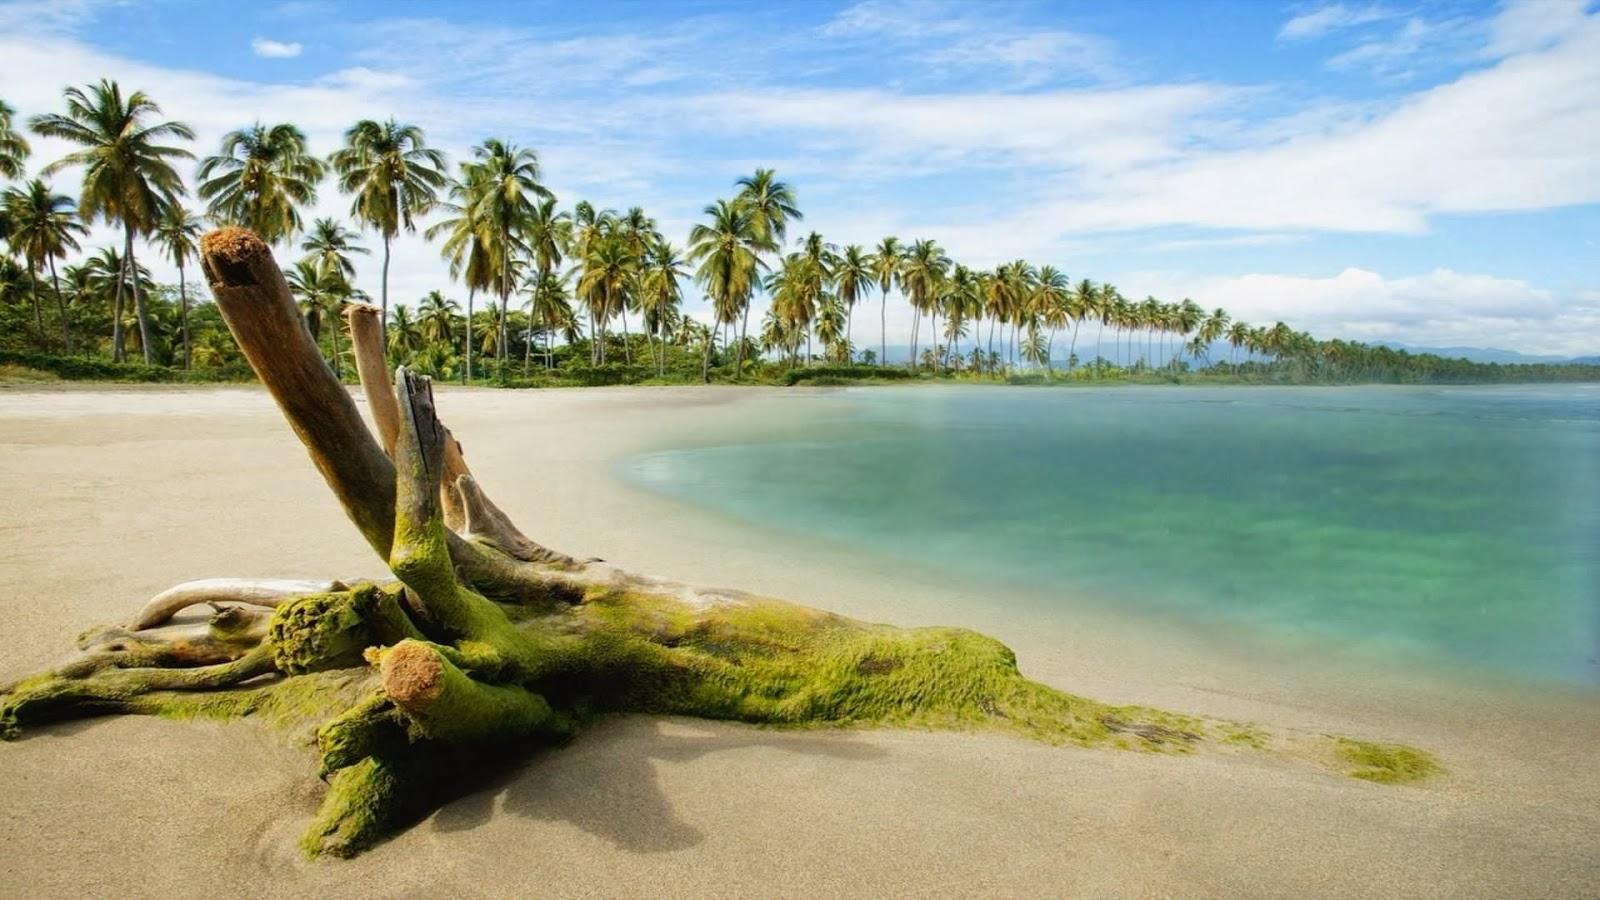 Beach-Nature-HD-1080p-Widescreen-HD-Blog-wallpaper-wp3603049